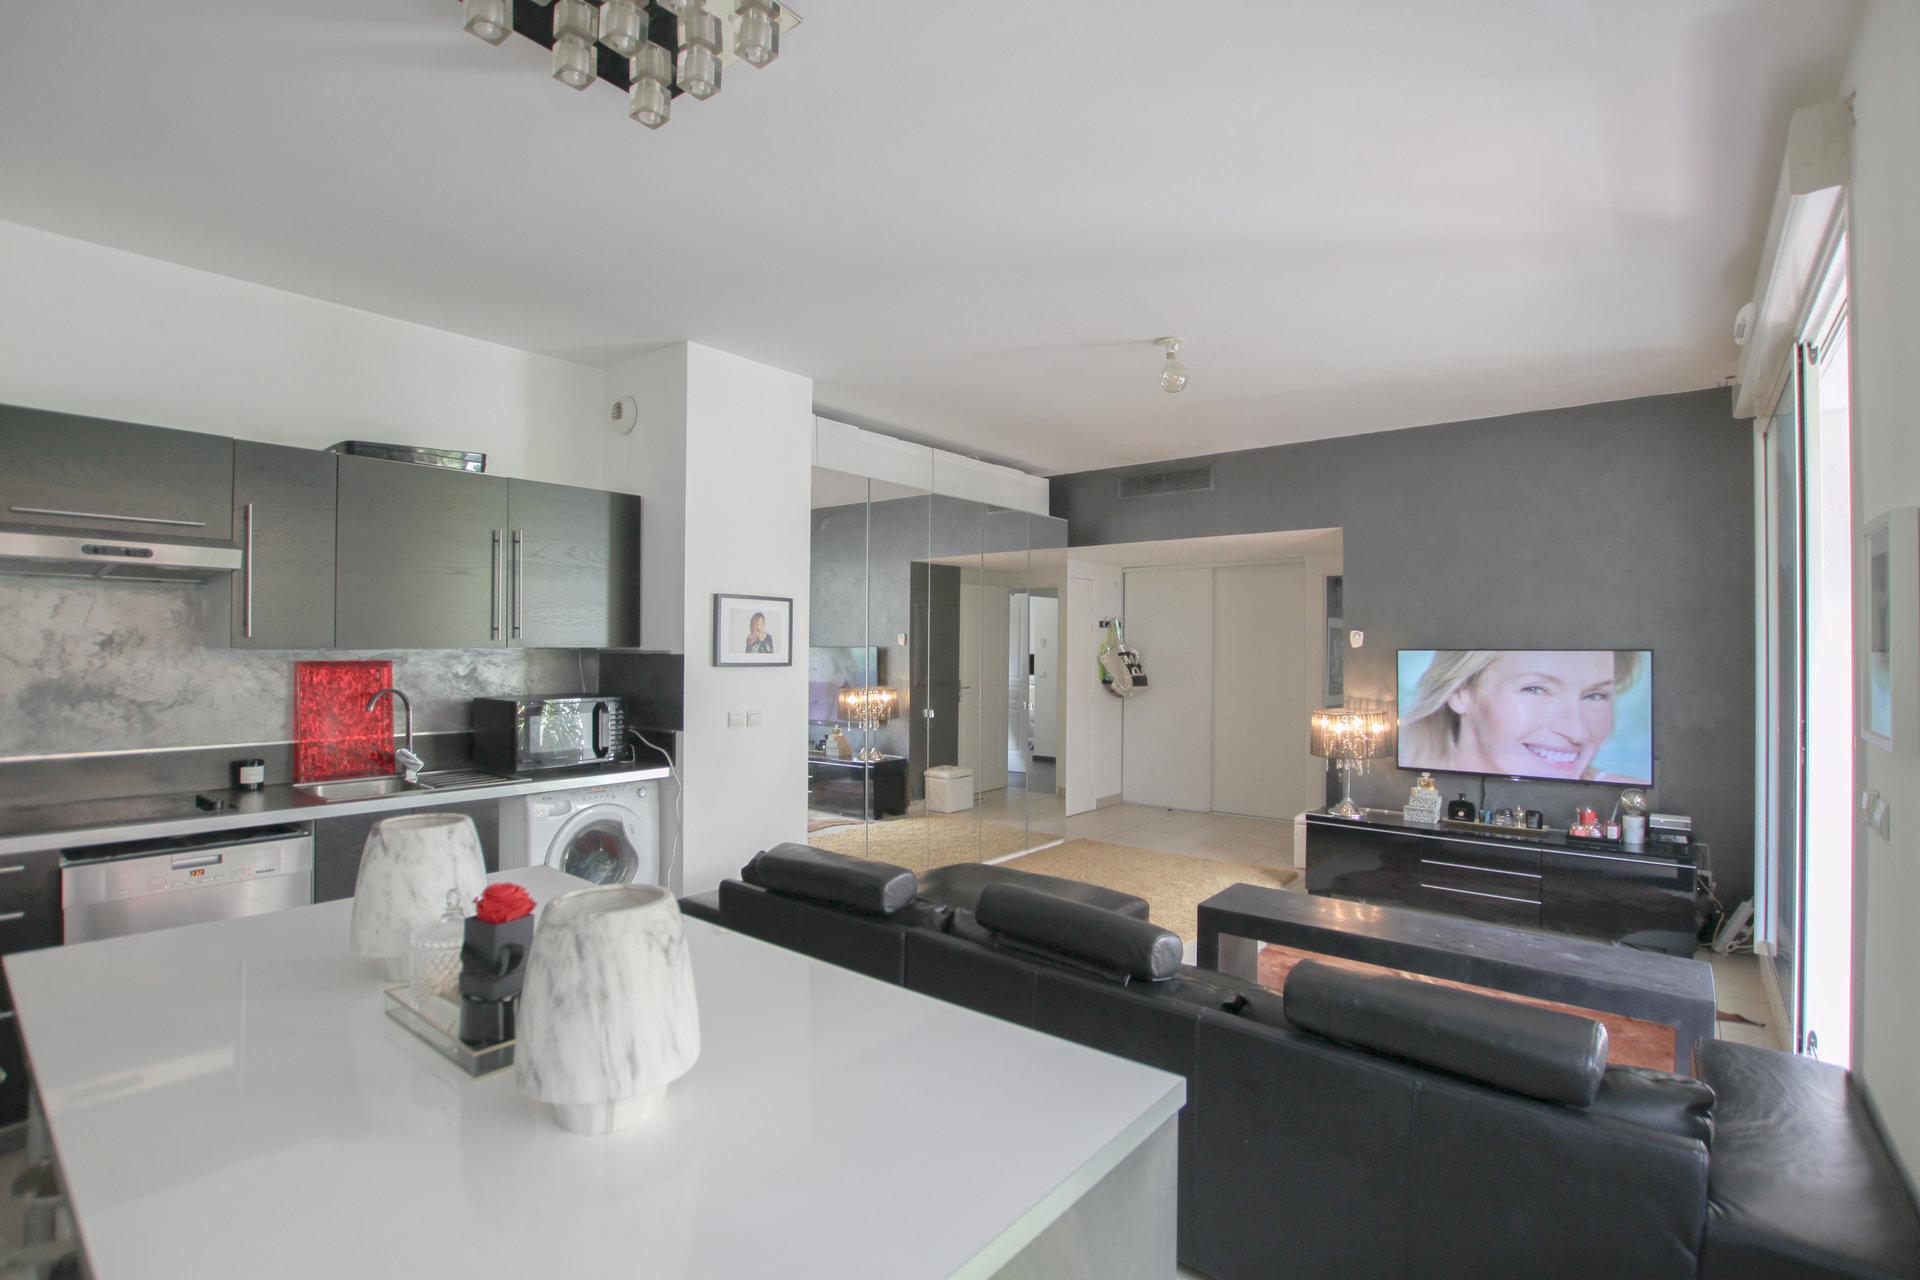 Périer - Superbe appartement de type 3 avec terrasse dans une résidence de 2008.